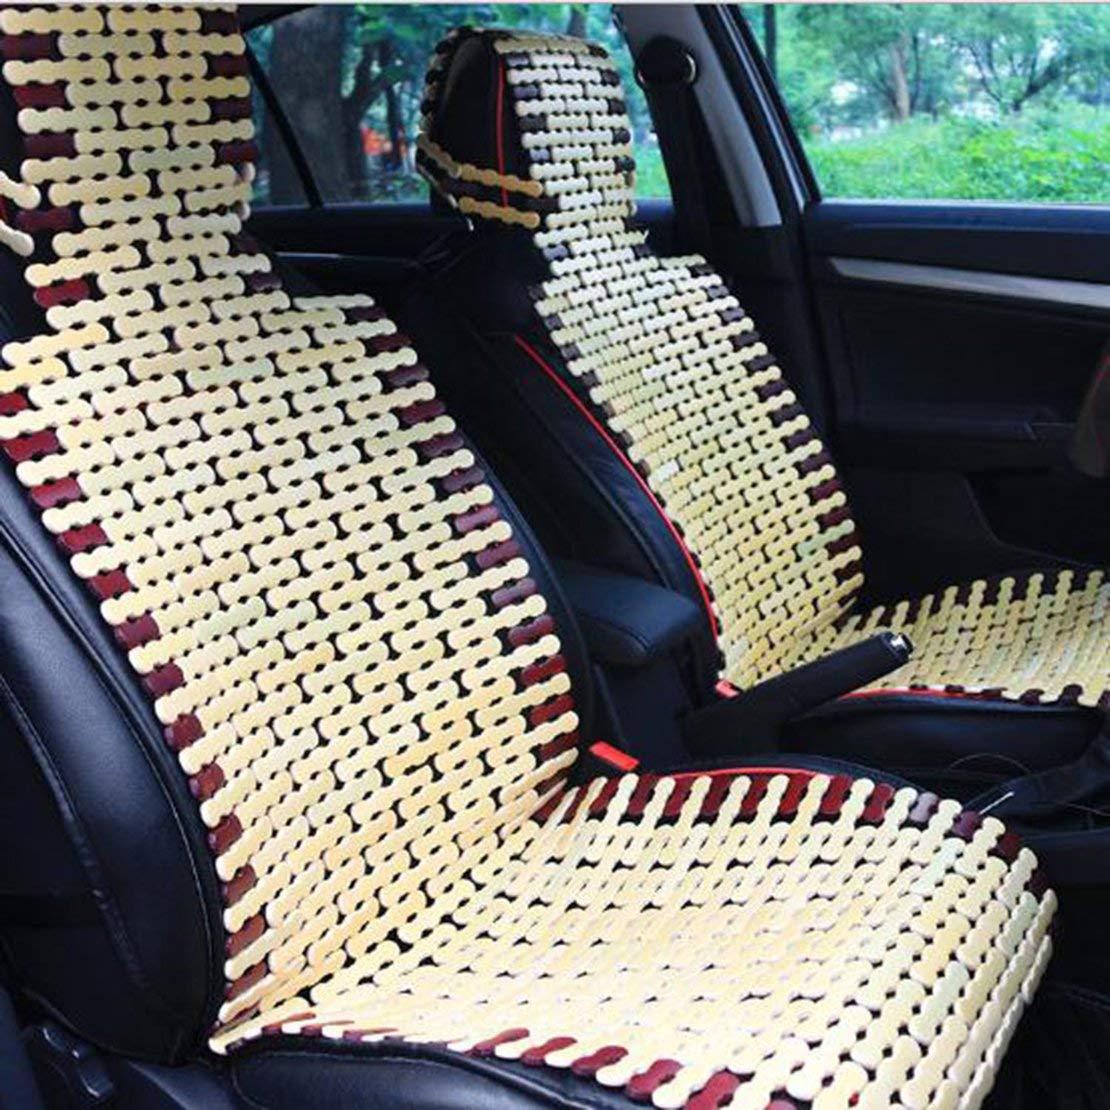 Cuscino per seggiolino auto in bamb/ù naturale Cuscino fresco estivo Imbottitura comoda per coprisedile Tappetino universale per auto colore del legno